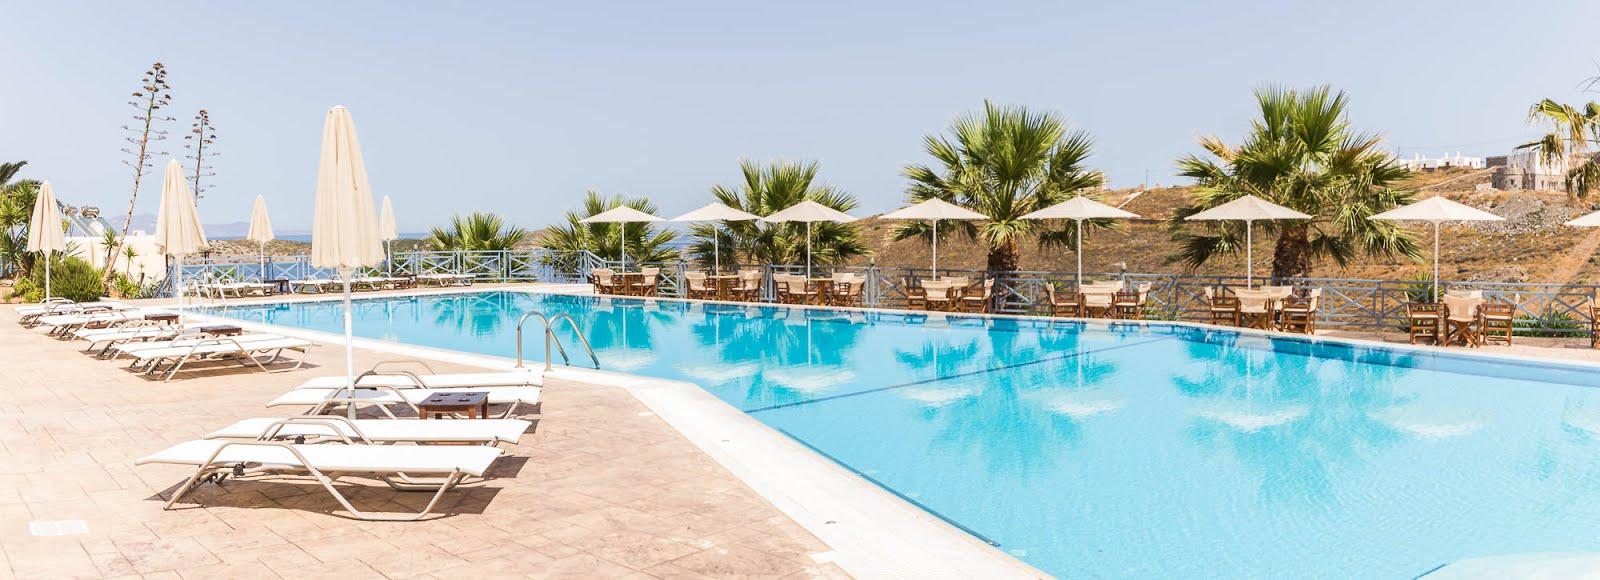 piscine panorama